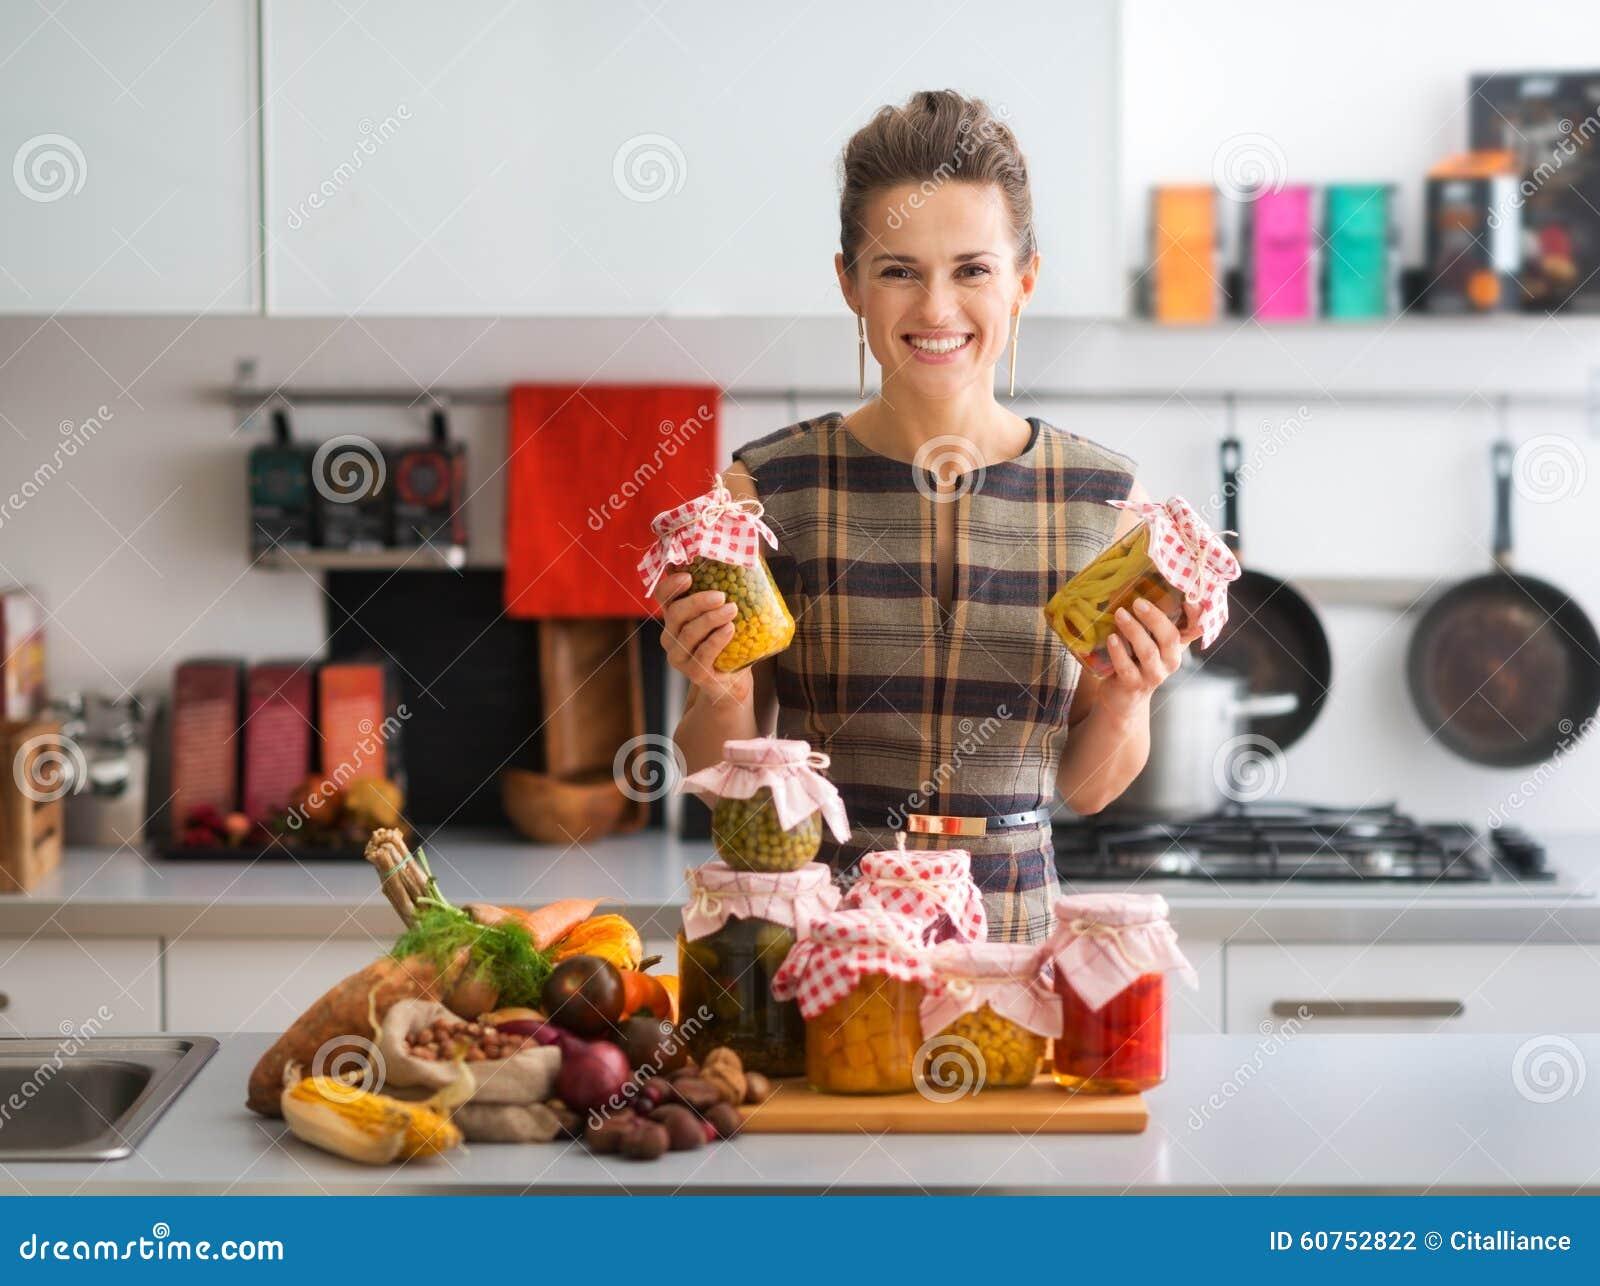 愉快的妇女在拿着瓶子被保存的菜的厨房里